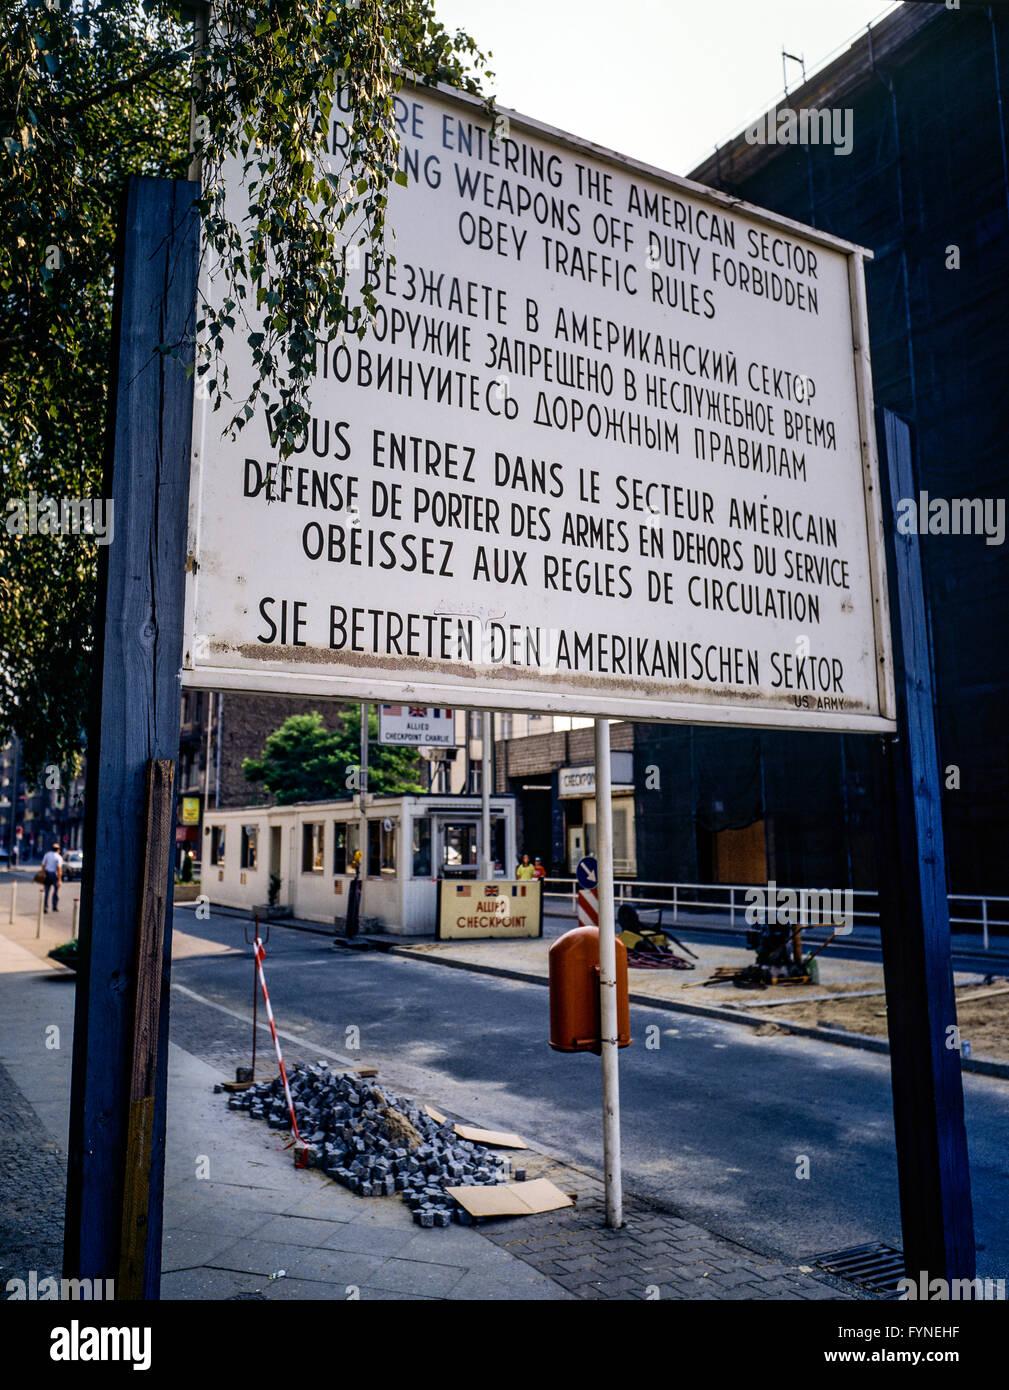 Agosto de 1986, entrando en sector americano signo de advertencia en Allied Checkpoint Charlie, la calle Friedrichstrasse, Imagen De Stock